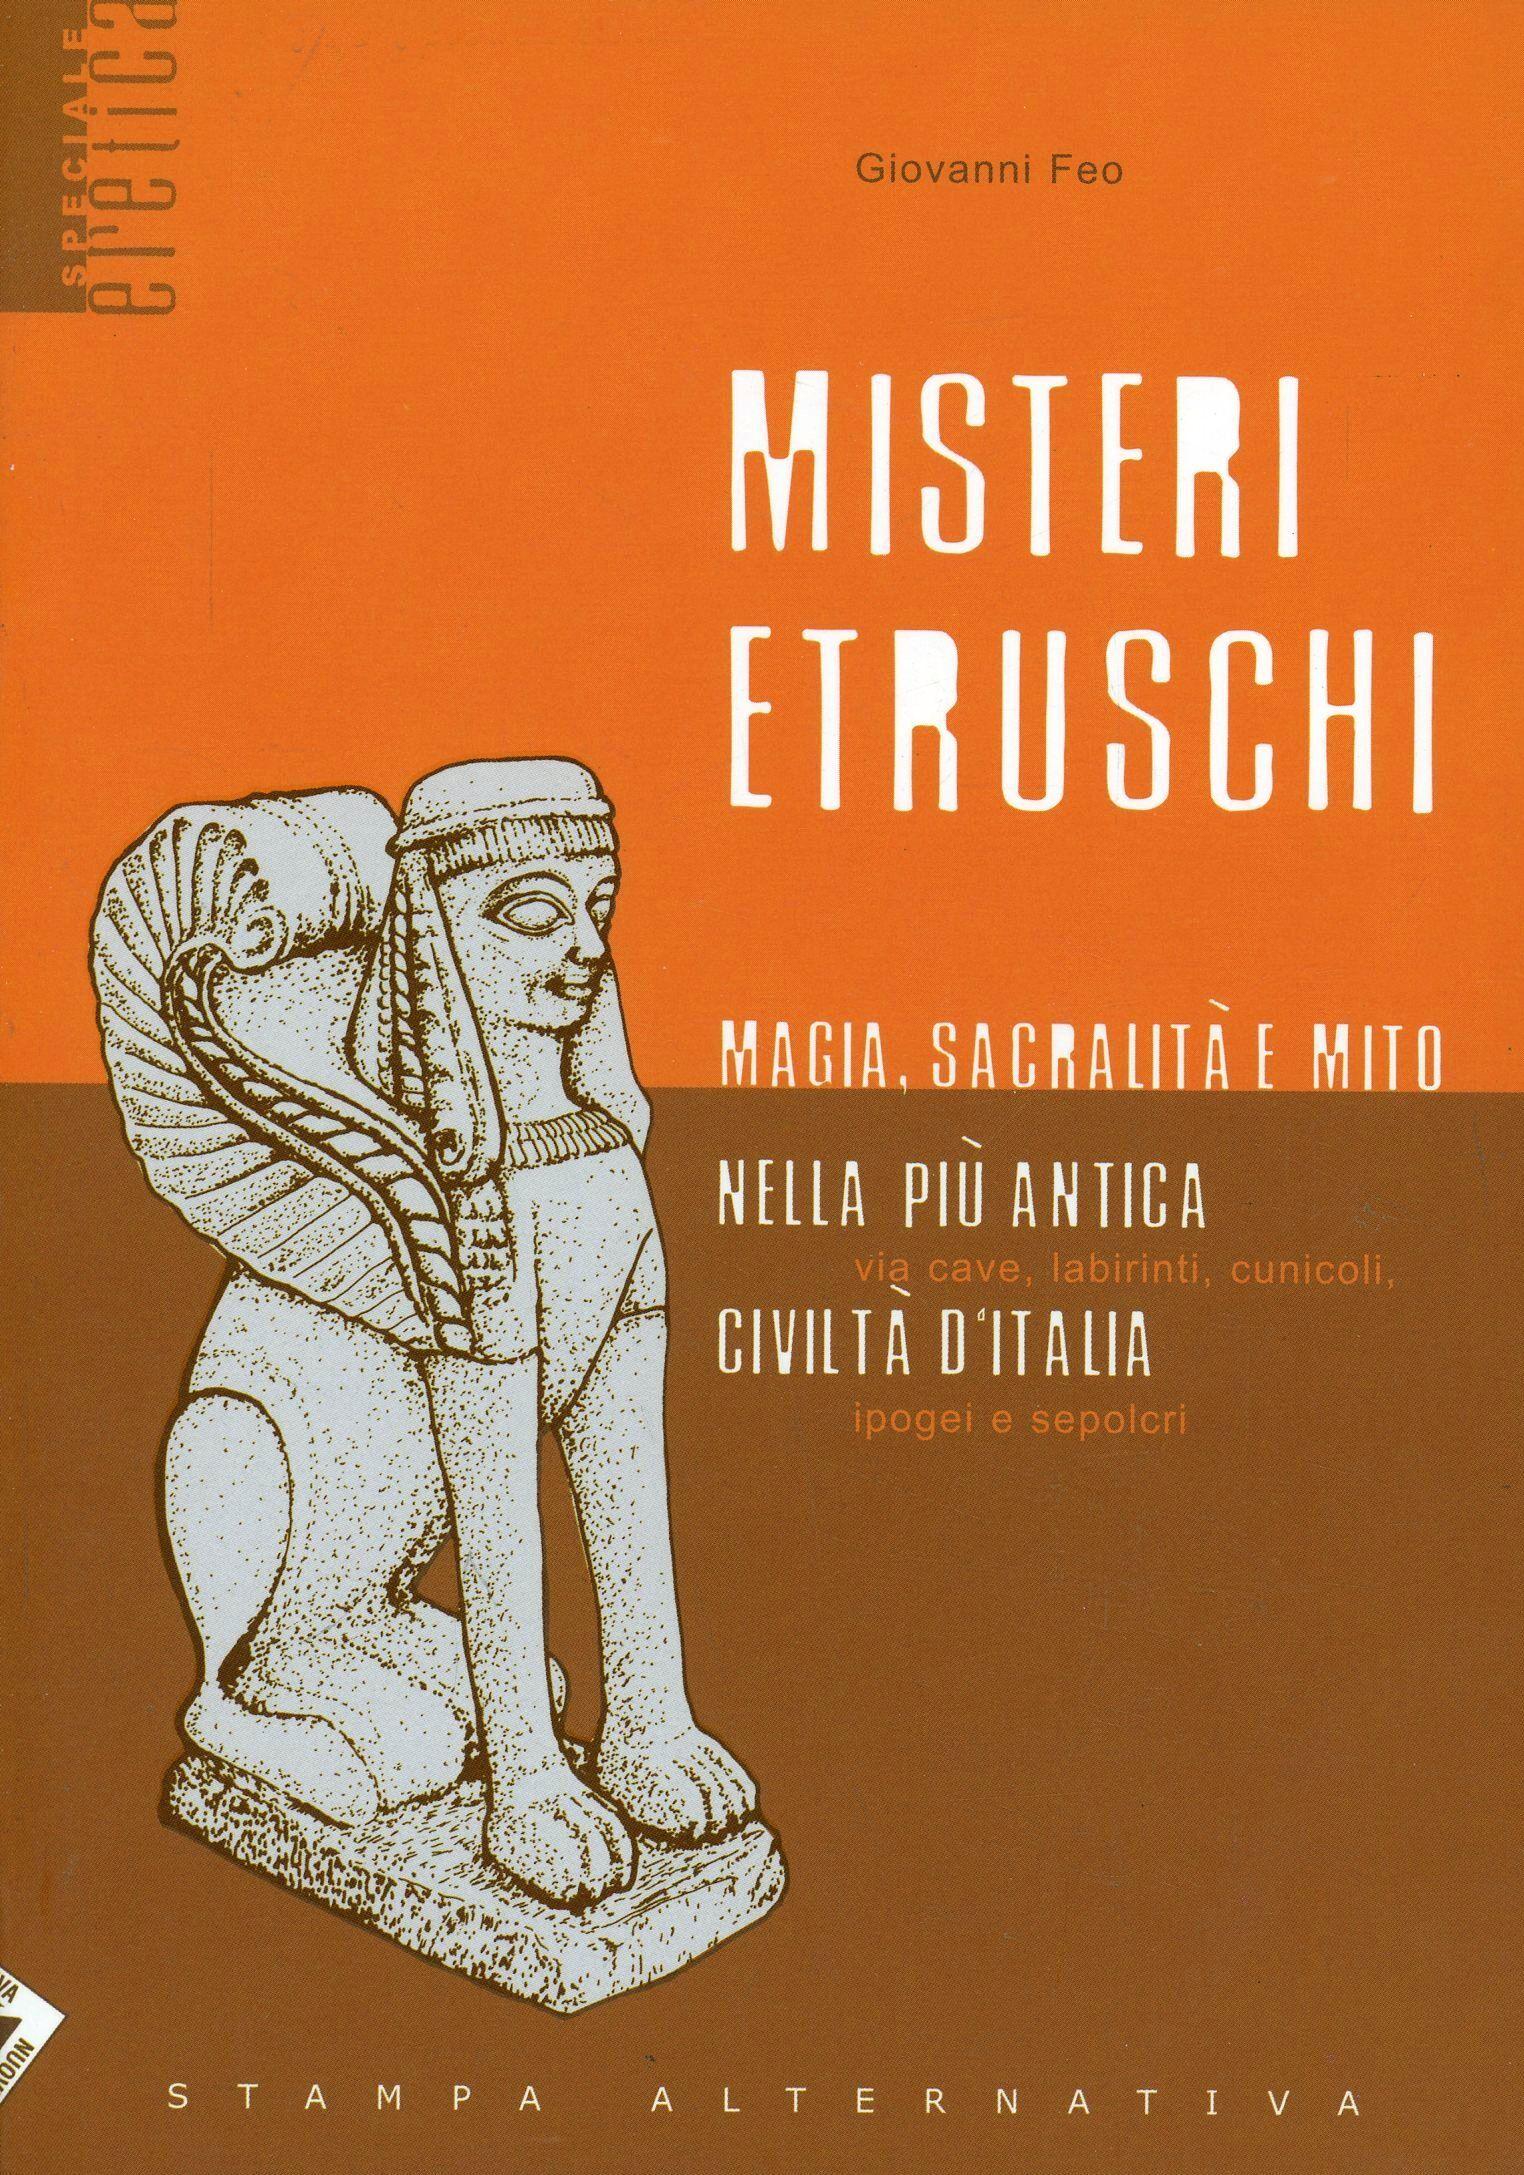 Misteri etruschi. Magia, sacralità e mito nella più antica civiltà d'Italia